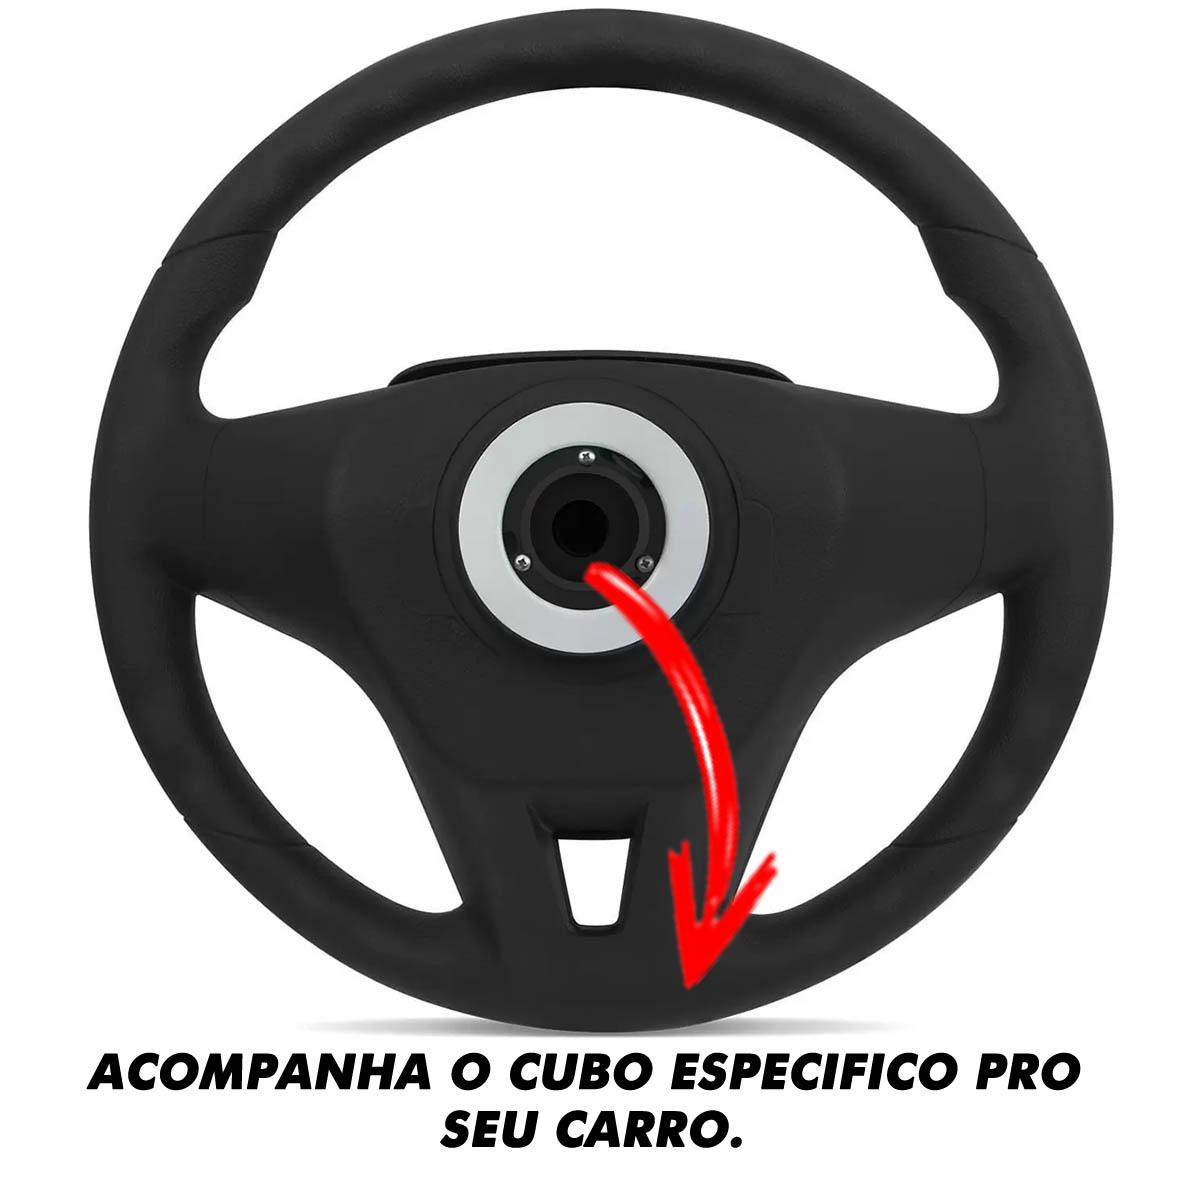 Volante Chevrolet Cruze Esportivo Cubo Corsa Classic Wind Max Joy Premium 1994 a 2013 Celta Poliparts